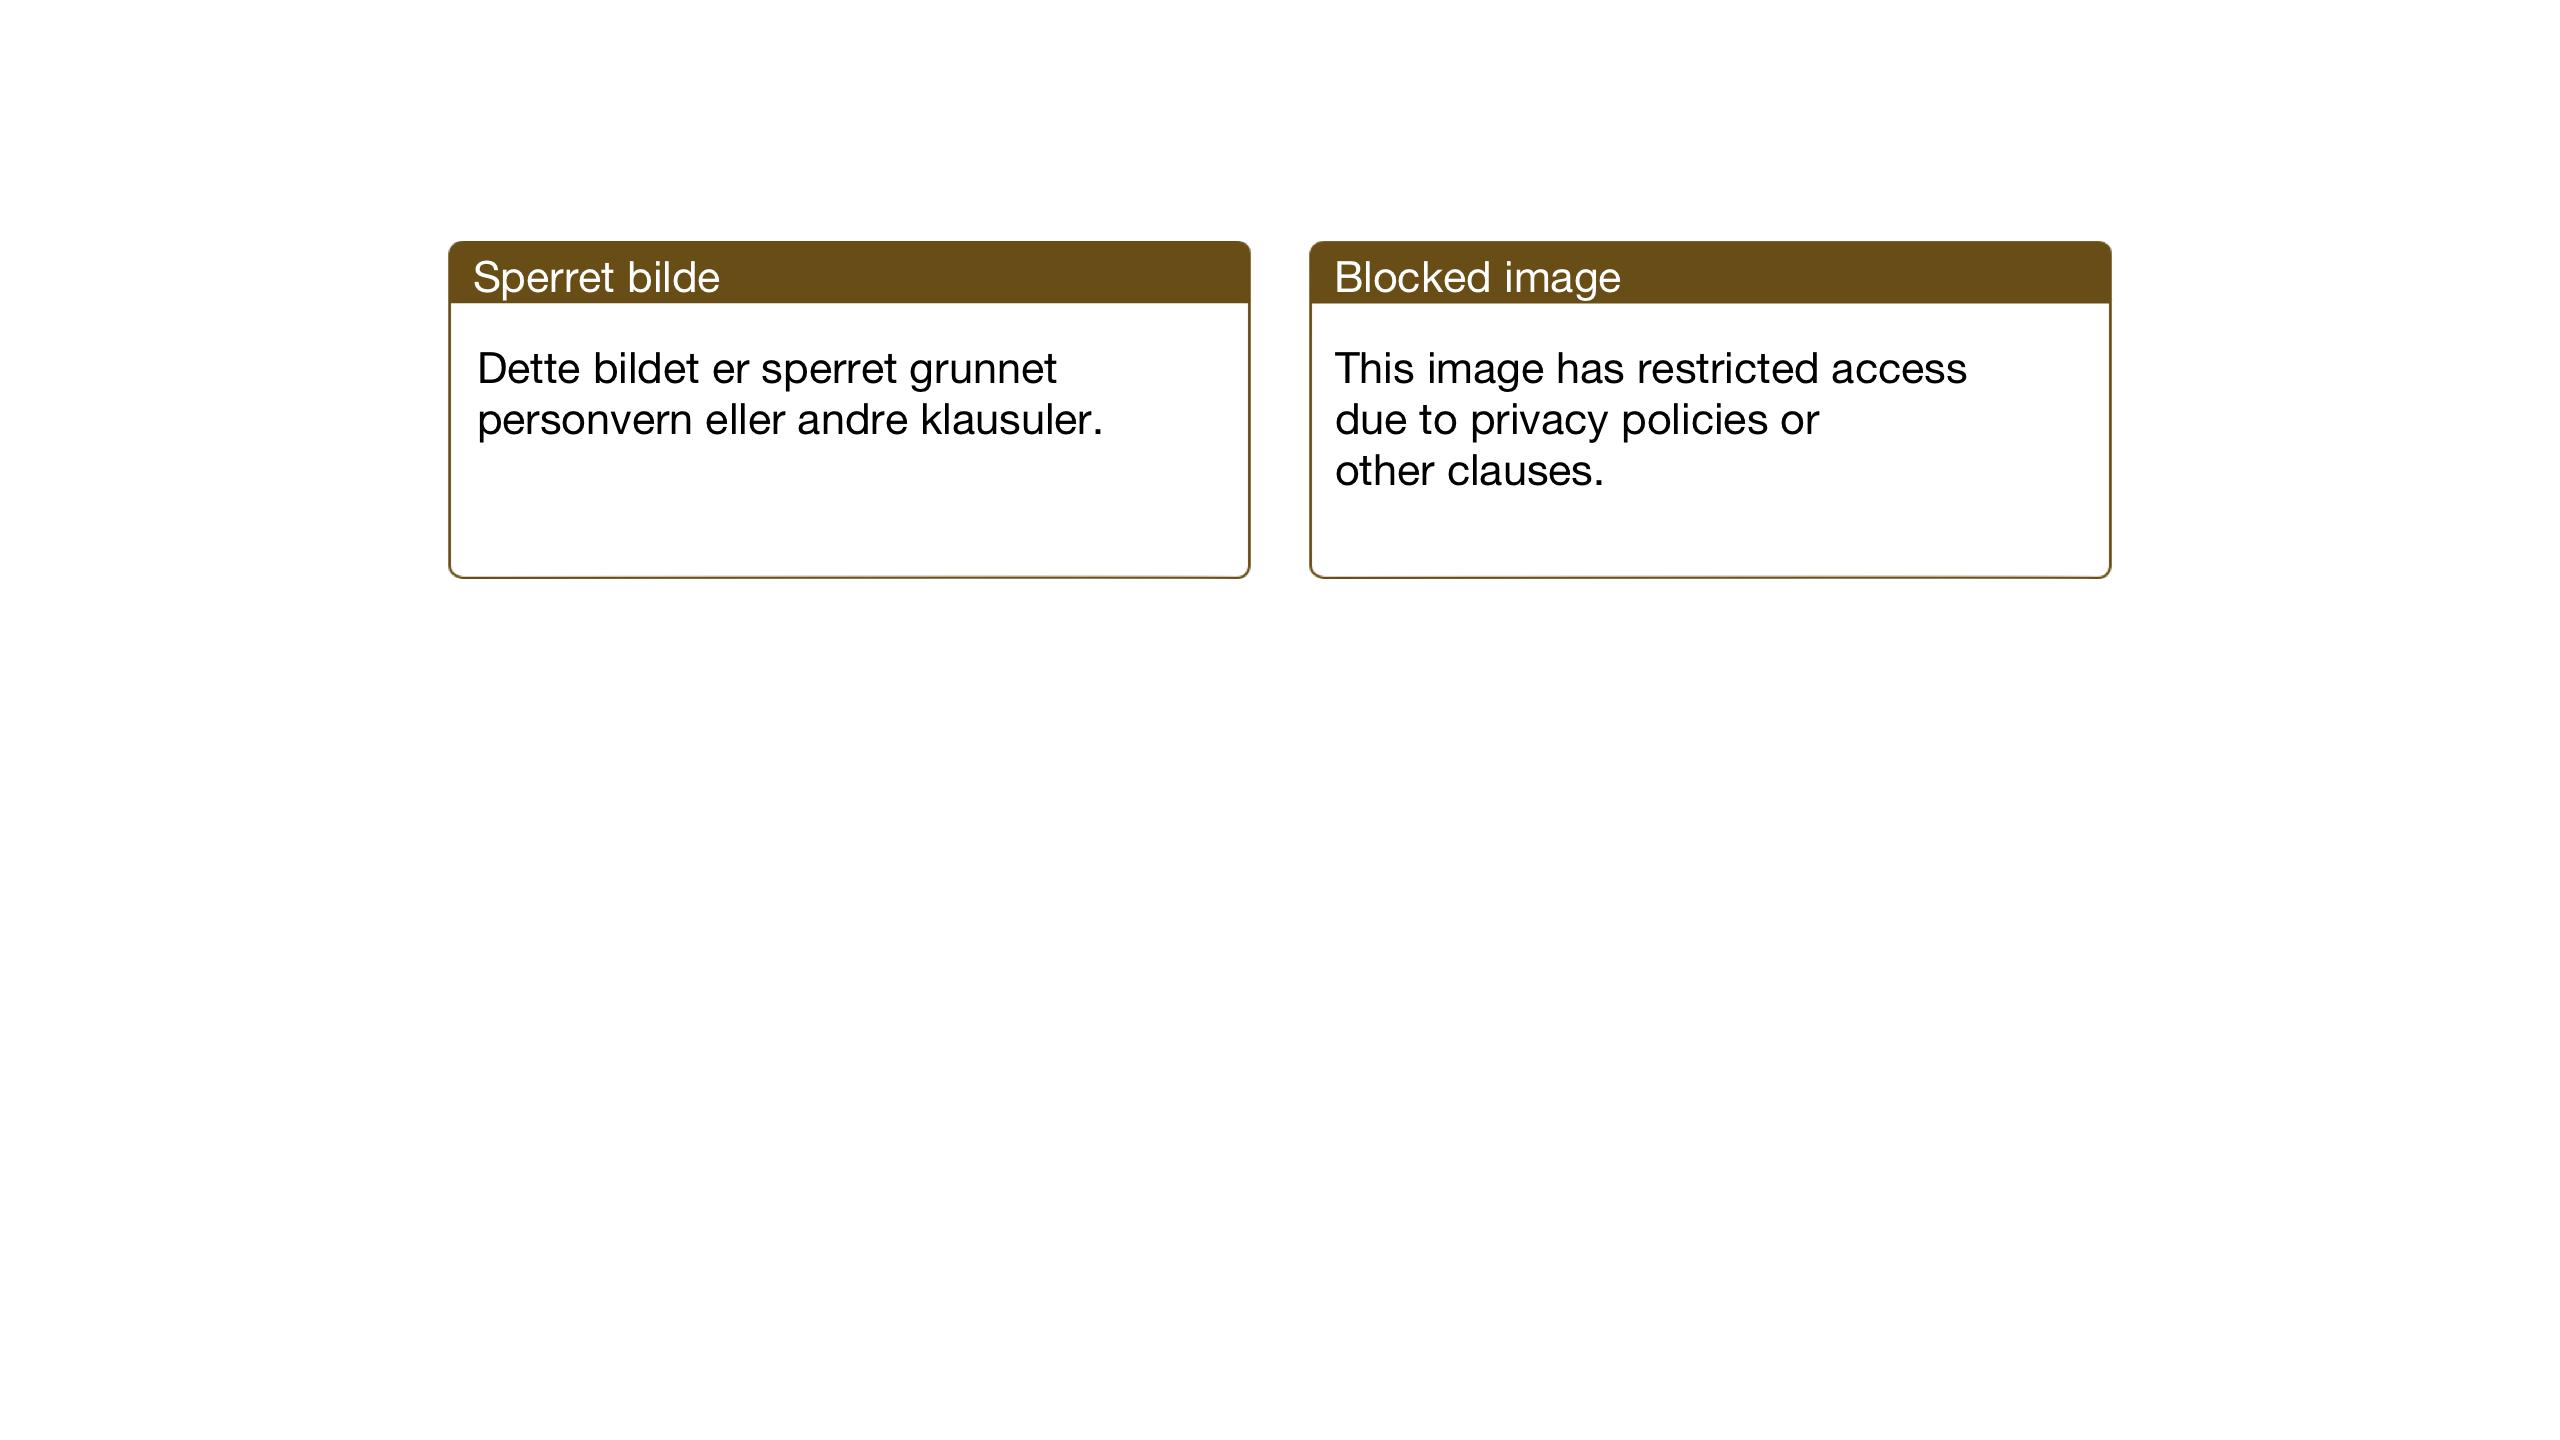 SAT, Ministerialprotokoller, klokkerbøker og fødselsregistre - Sør-Trøndelag, 623/L0470: Ministerialbok nr. 623A04, 1884-1938, s. 3